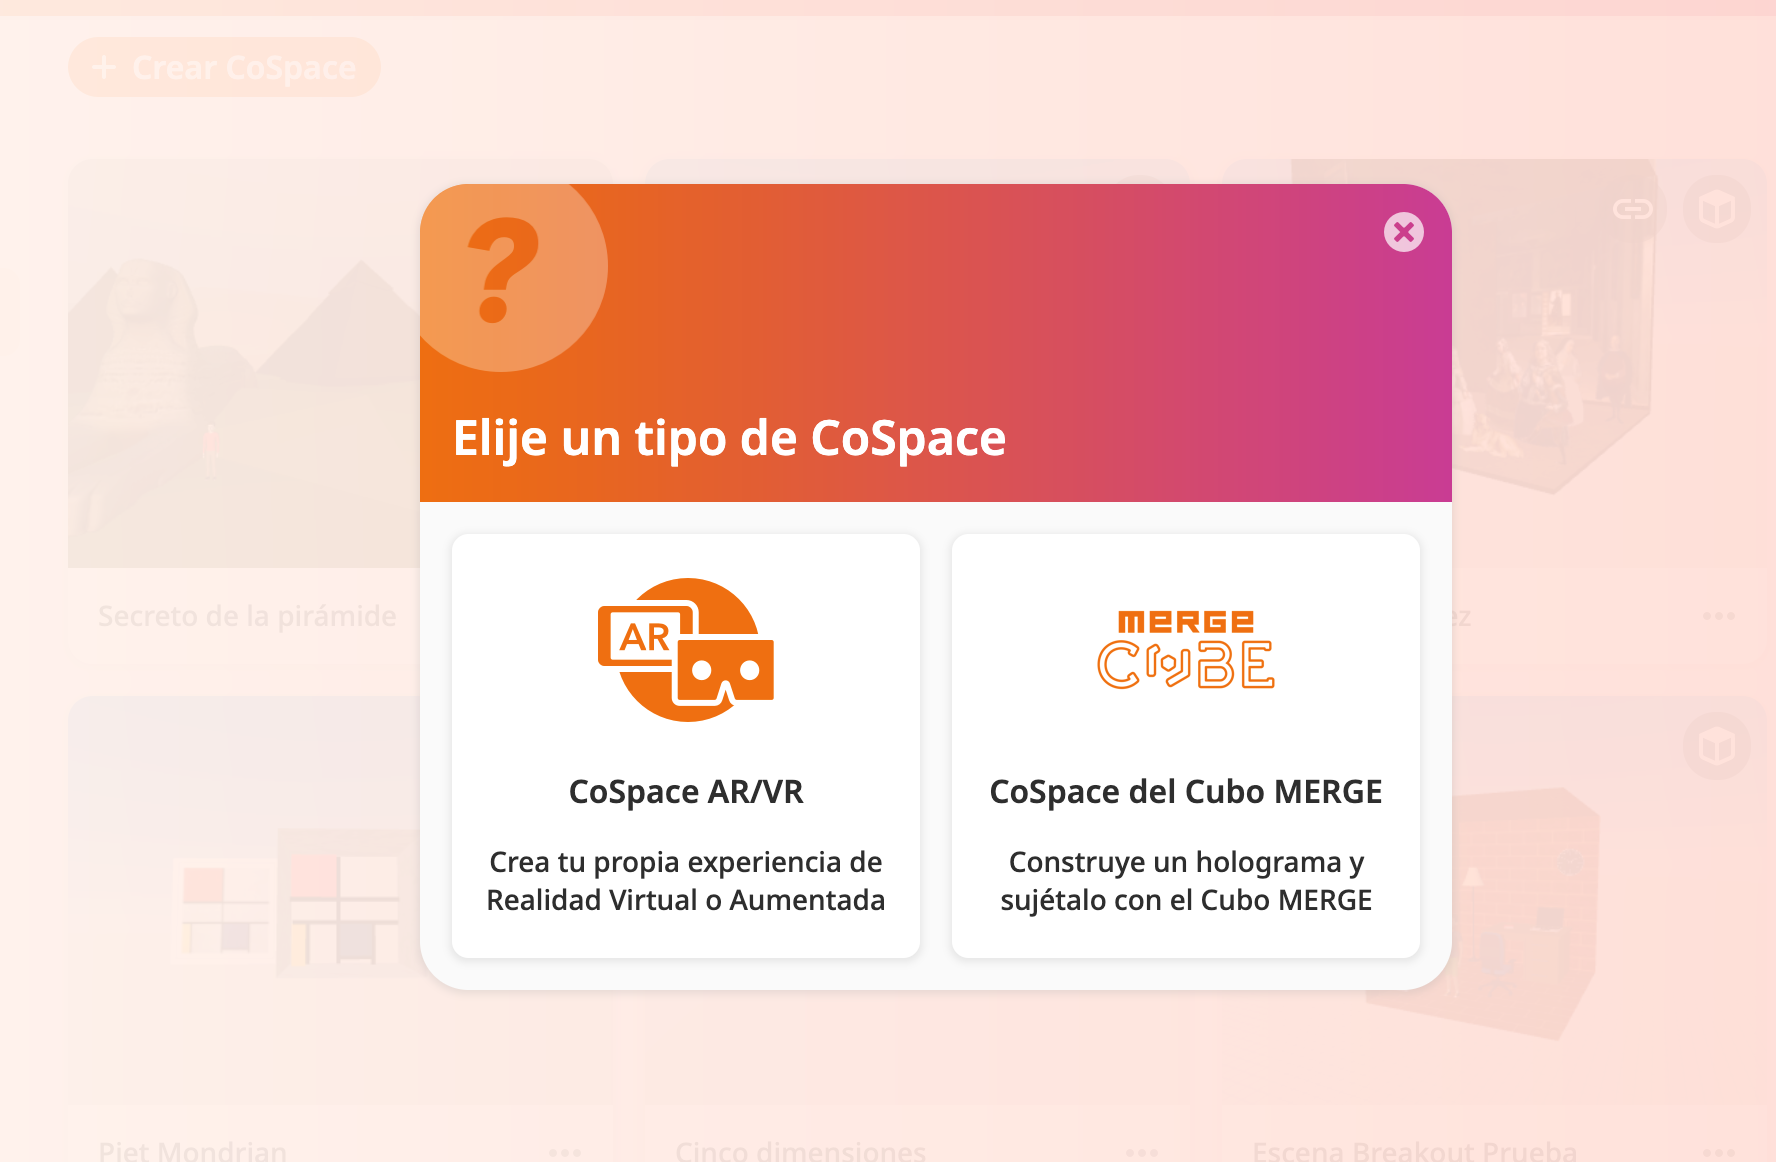 """Inicio en CoSpaces EDU, selección de add-on de """"Merge Cube""""."""